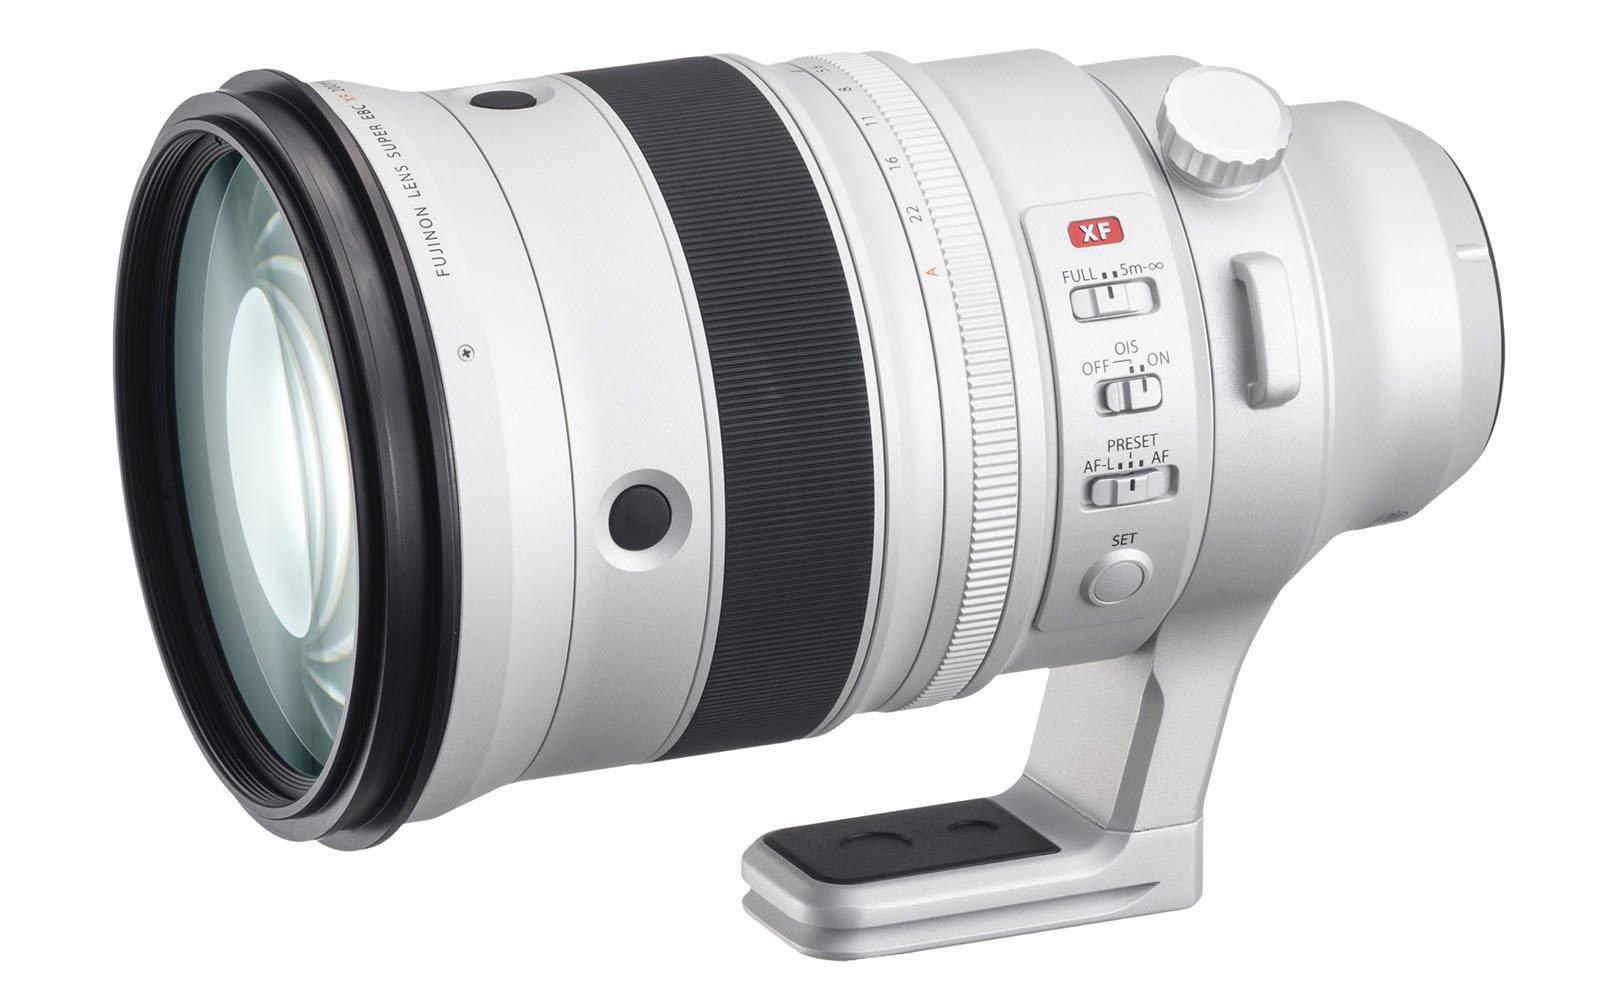 85083b886f3 Fujifilm on avalikustanud uue teleobjektiivi Fujinon XF 200mm F2 R LM OIS  WR tootefotod ja tehnilised andmed. See uus profiobjektiiv tuleb komplektis  ...